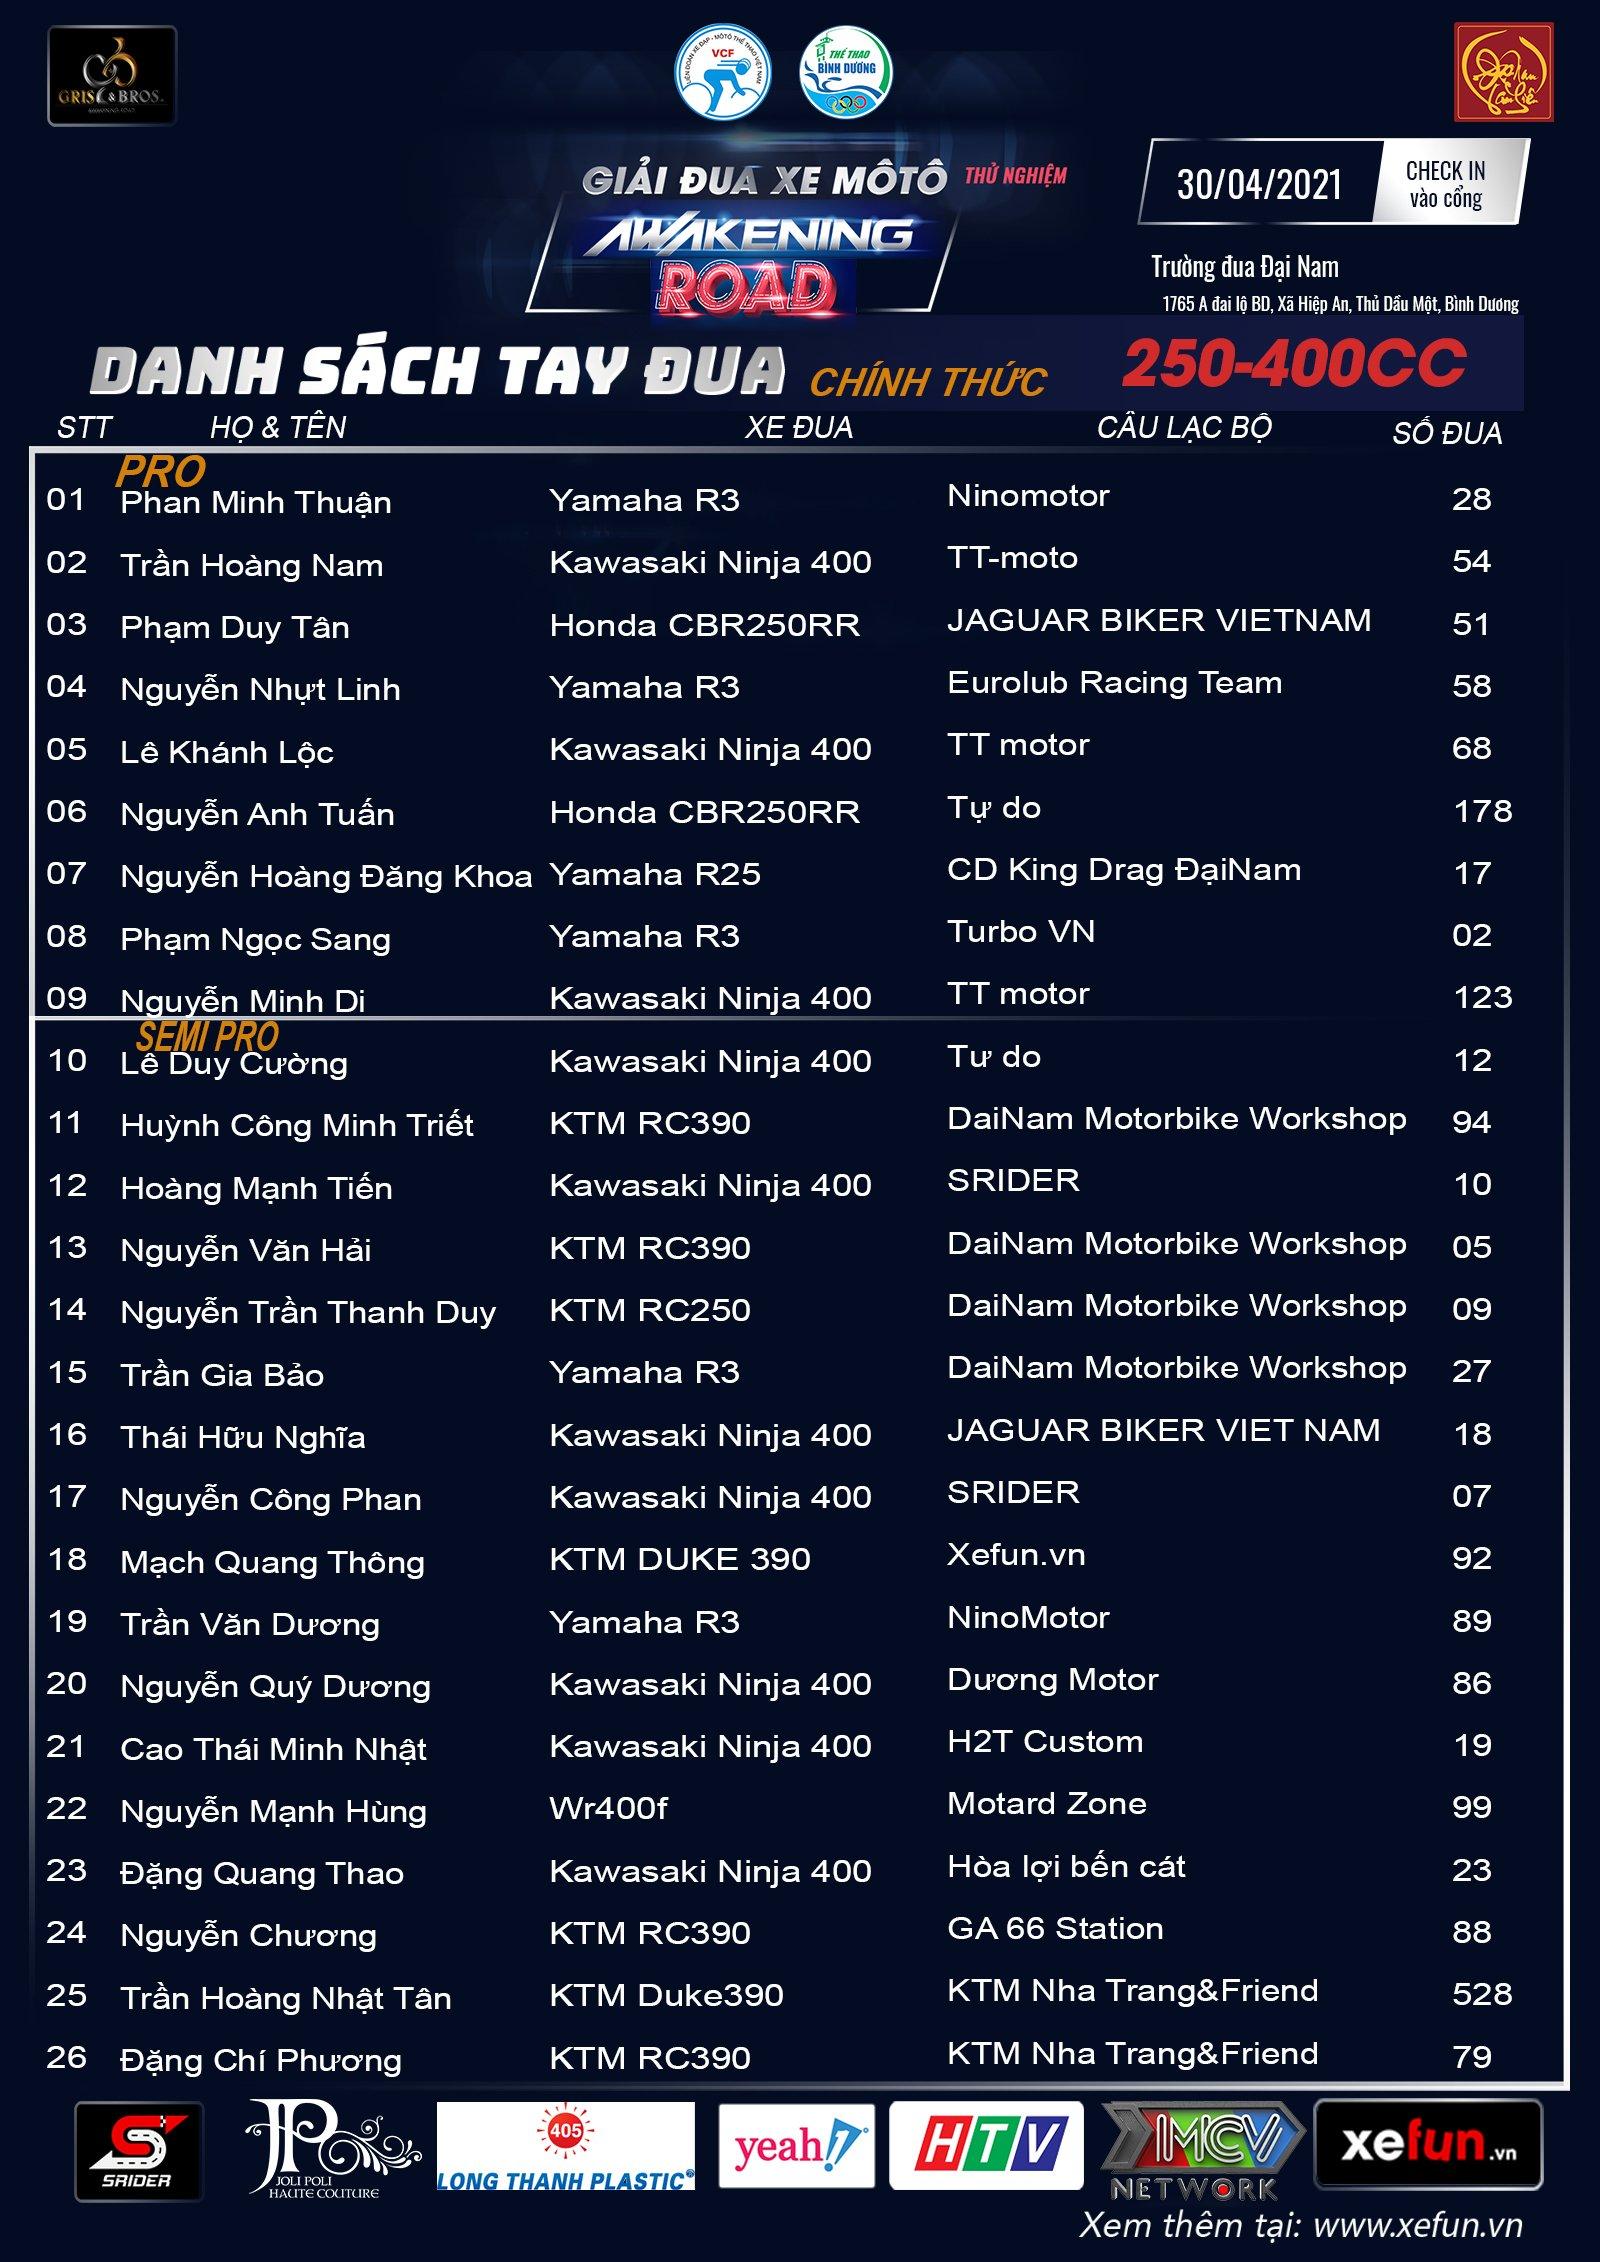 Công bố danh sách tay đua Giải đua xe môtô Awakening Road 2021 Xefun (1)534